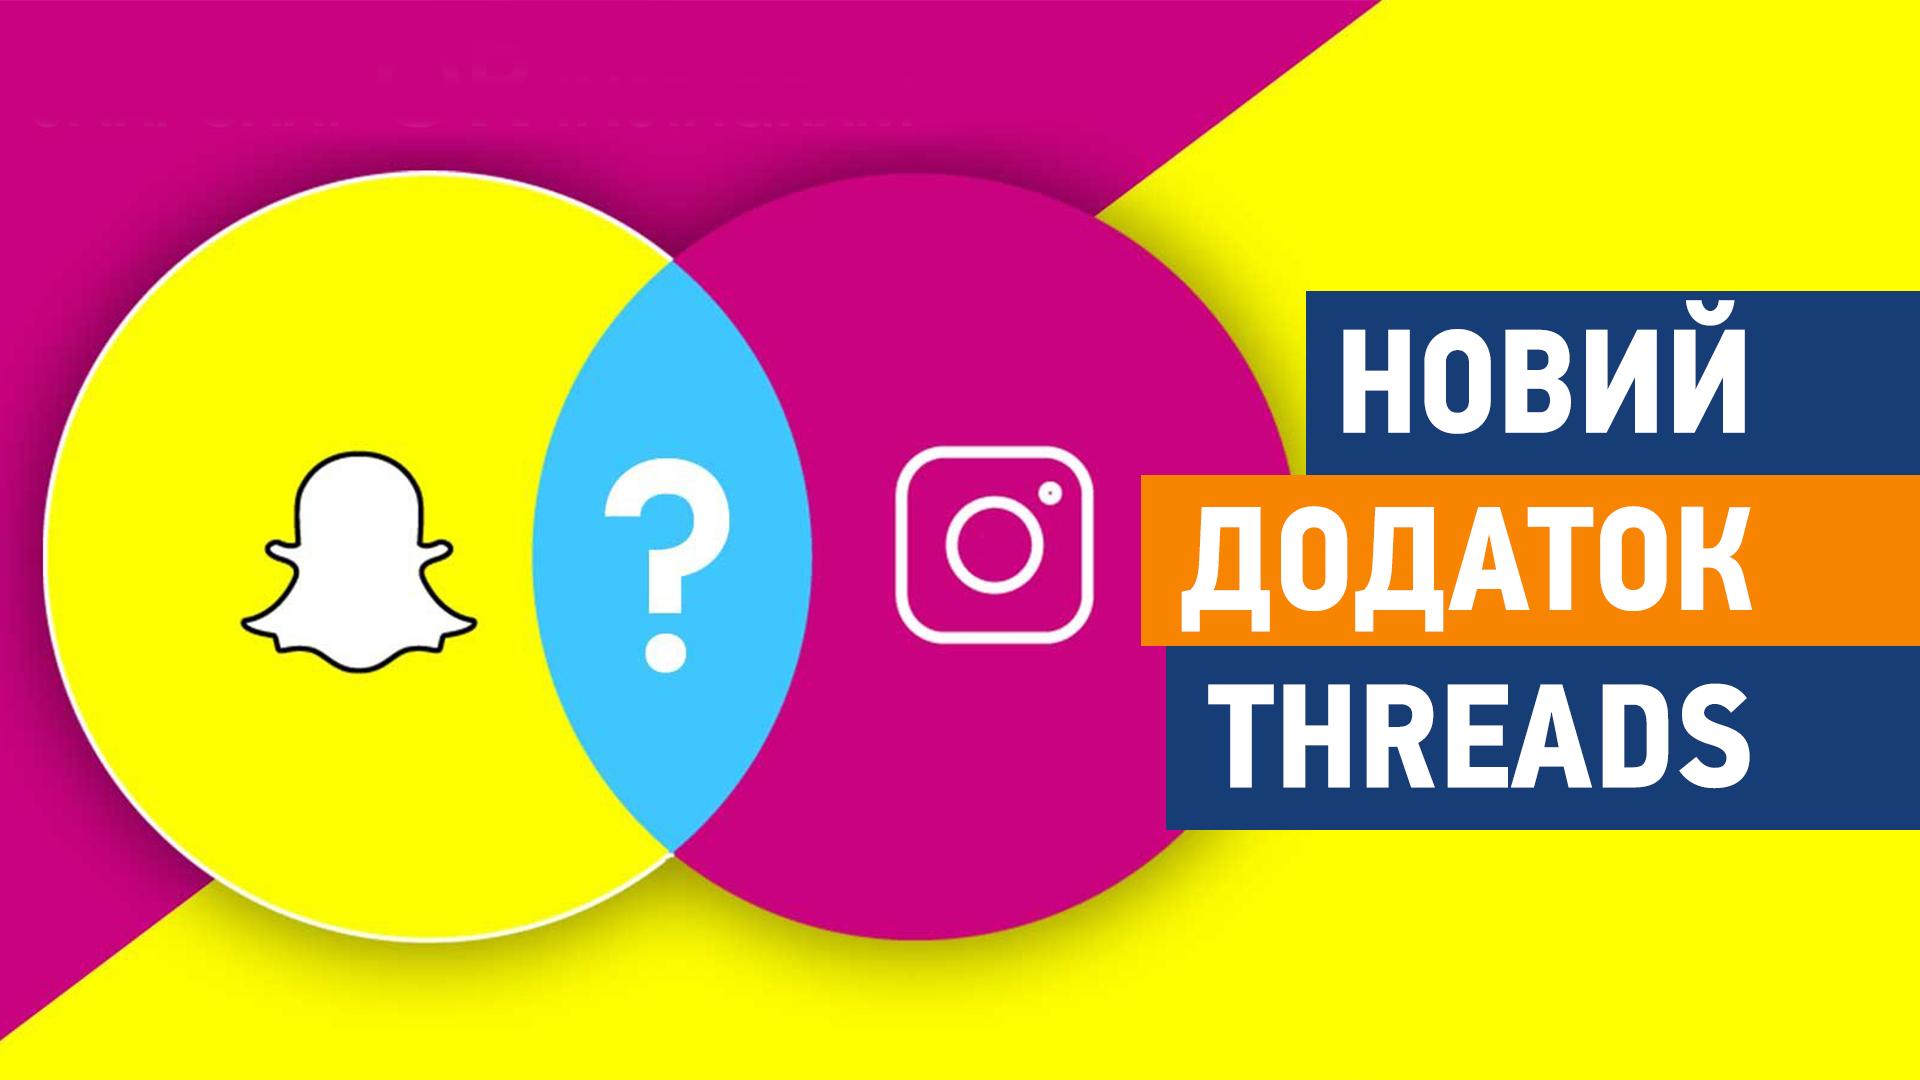 Instagram проти Snapchat. Новий додаток, що замінить Direct - Threads